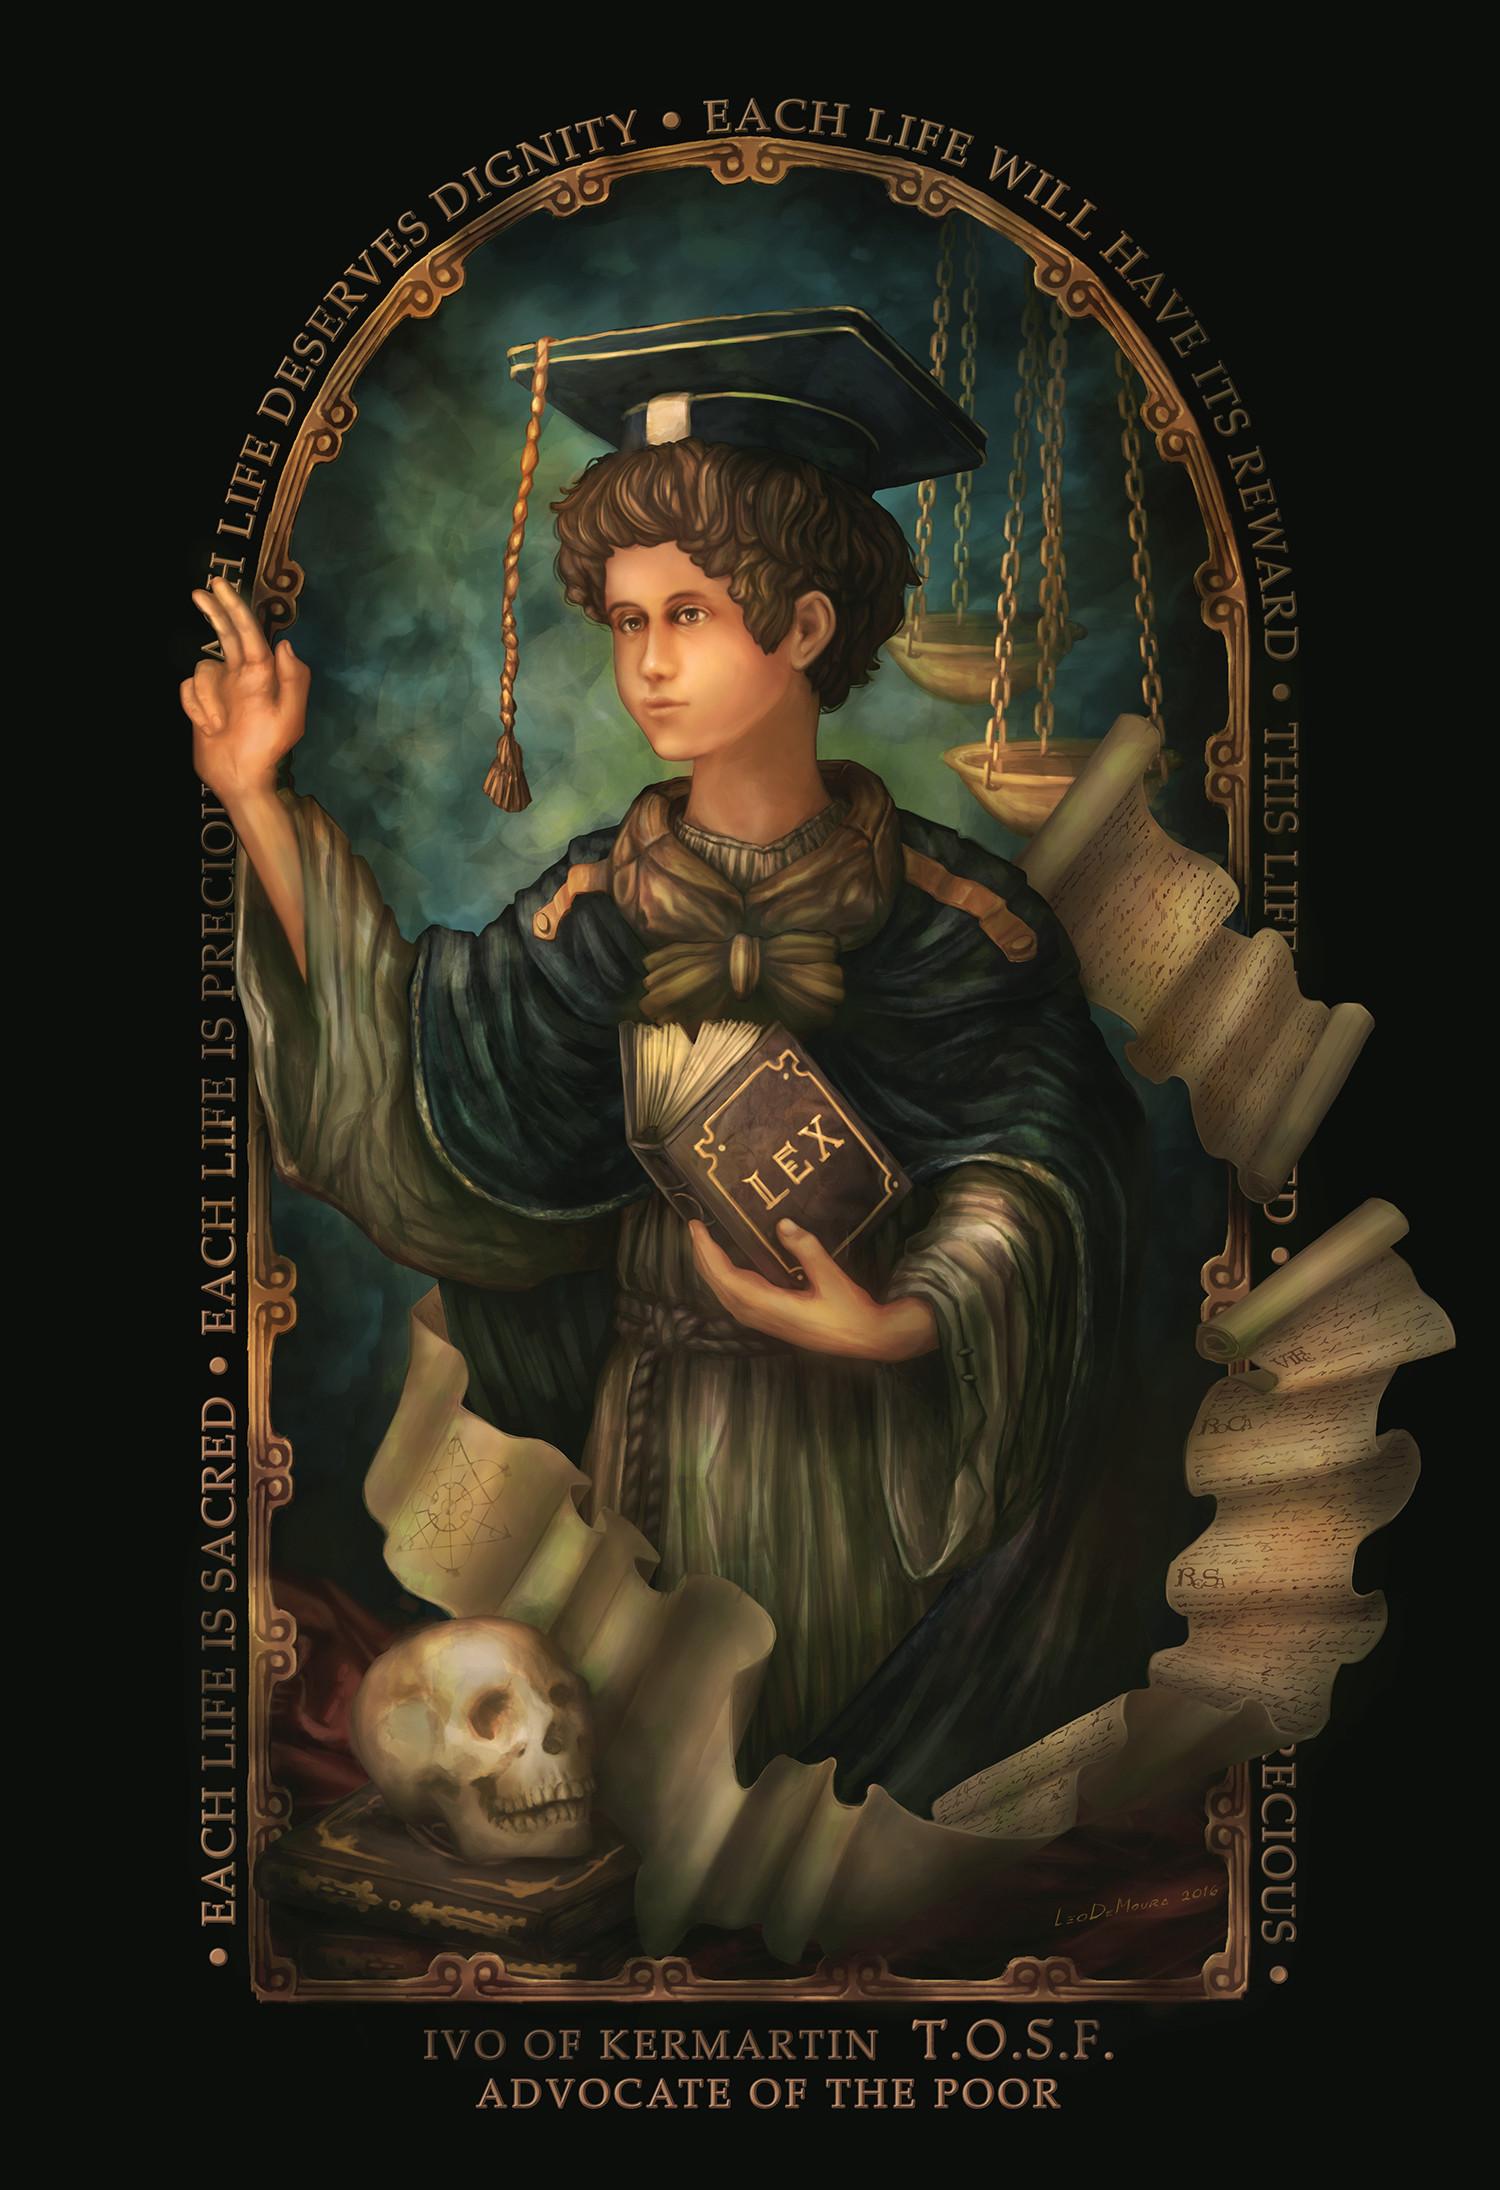 Leonardo de moura santo ivo g